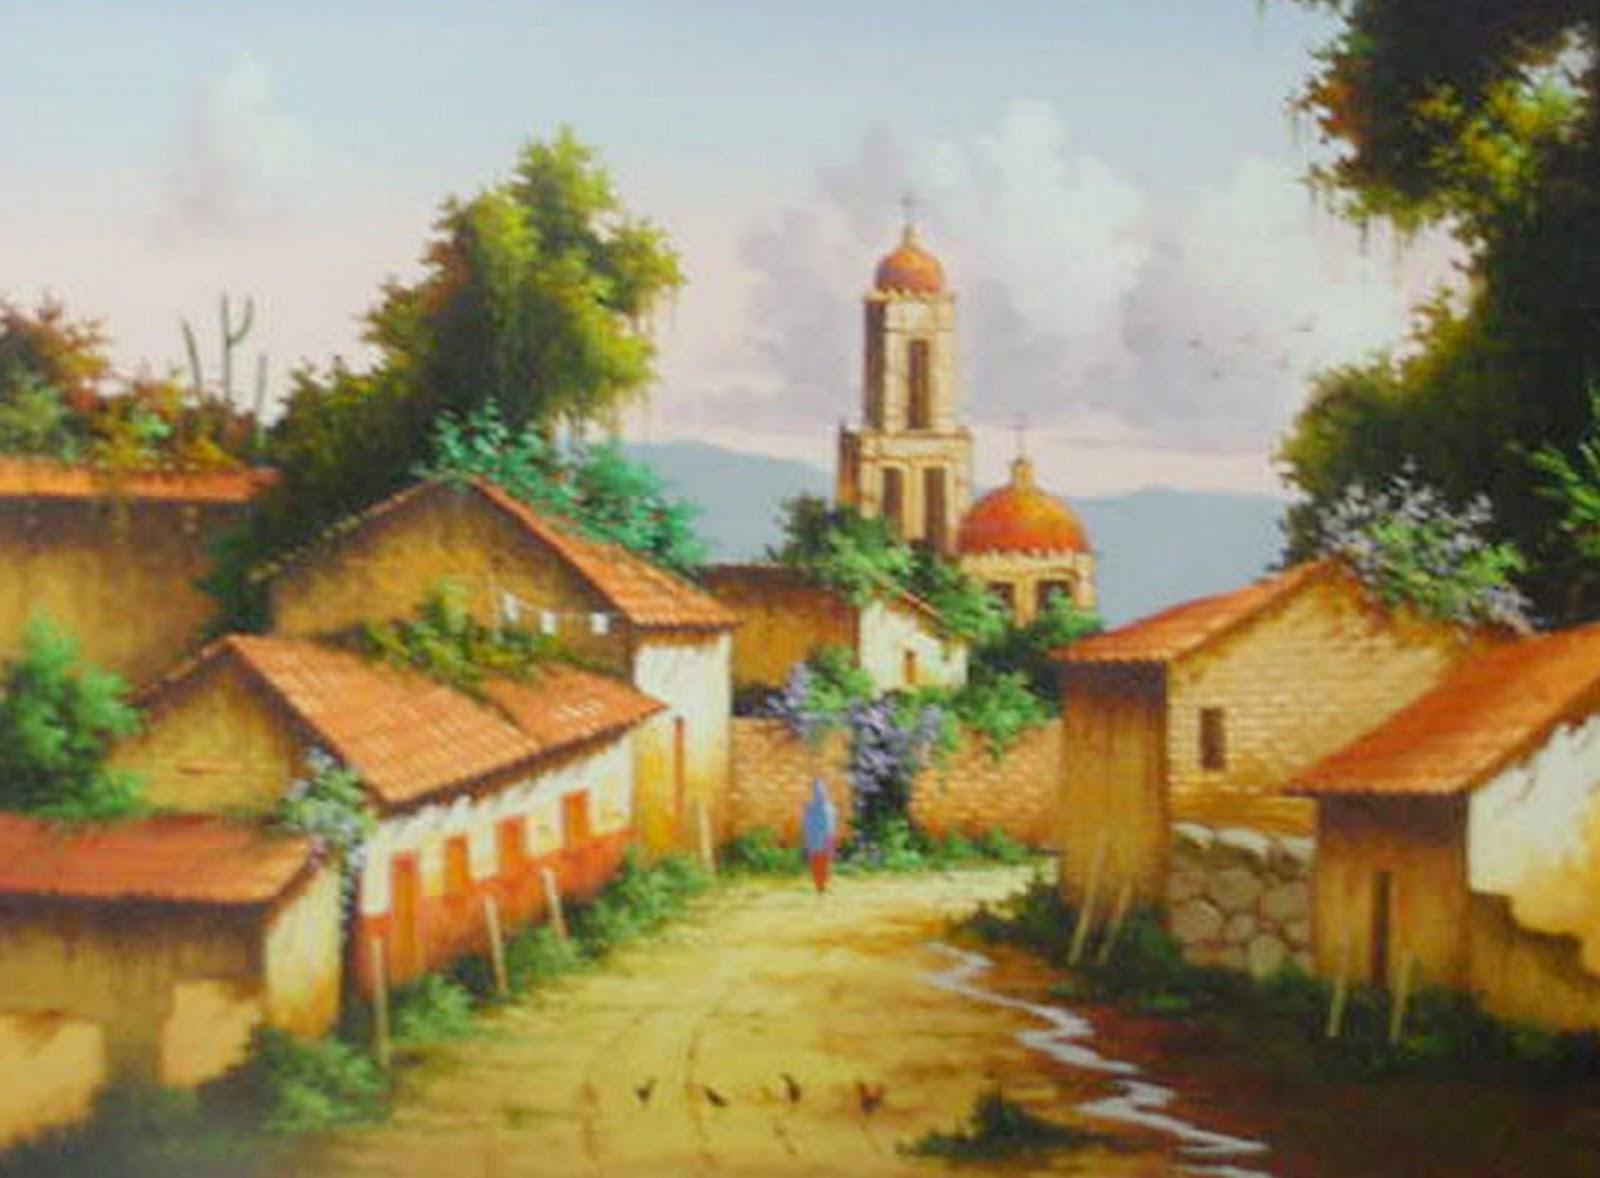 Pintura Moderna Y Fotografia Artistica Cuadros De Sokolvineyardcom